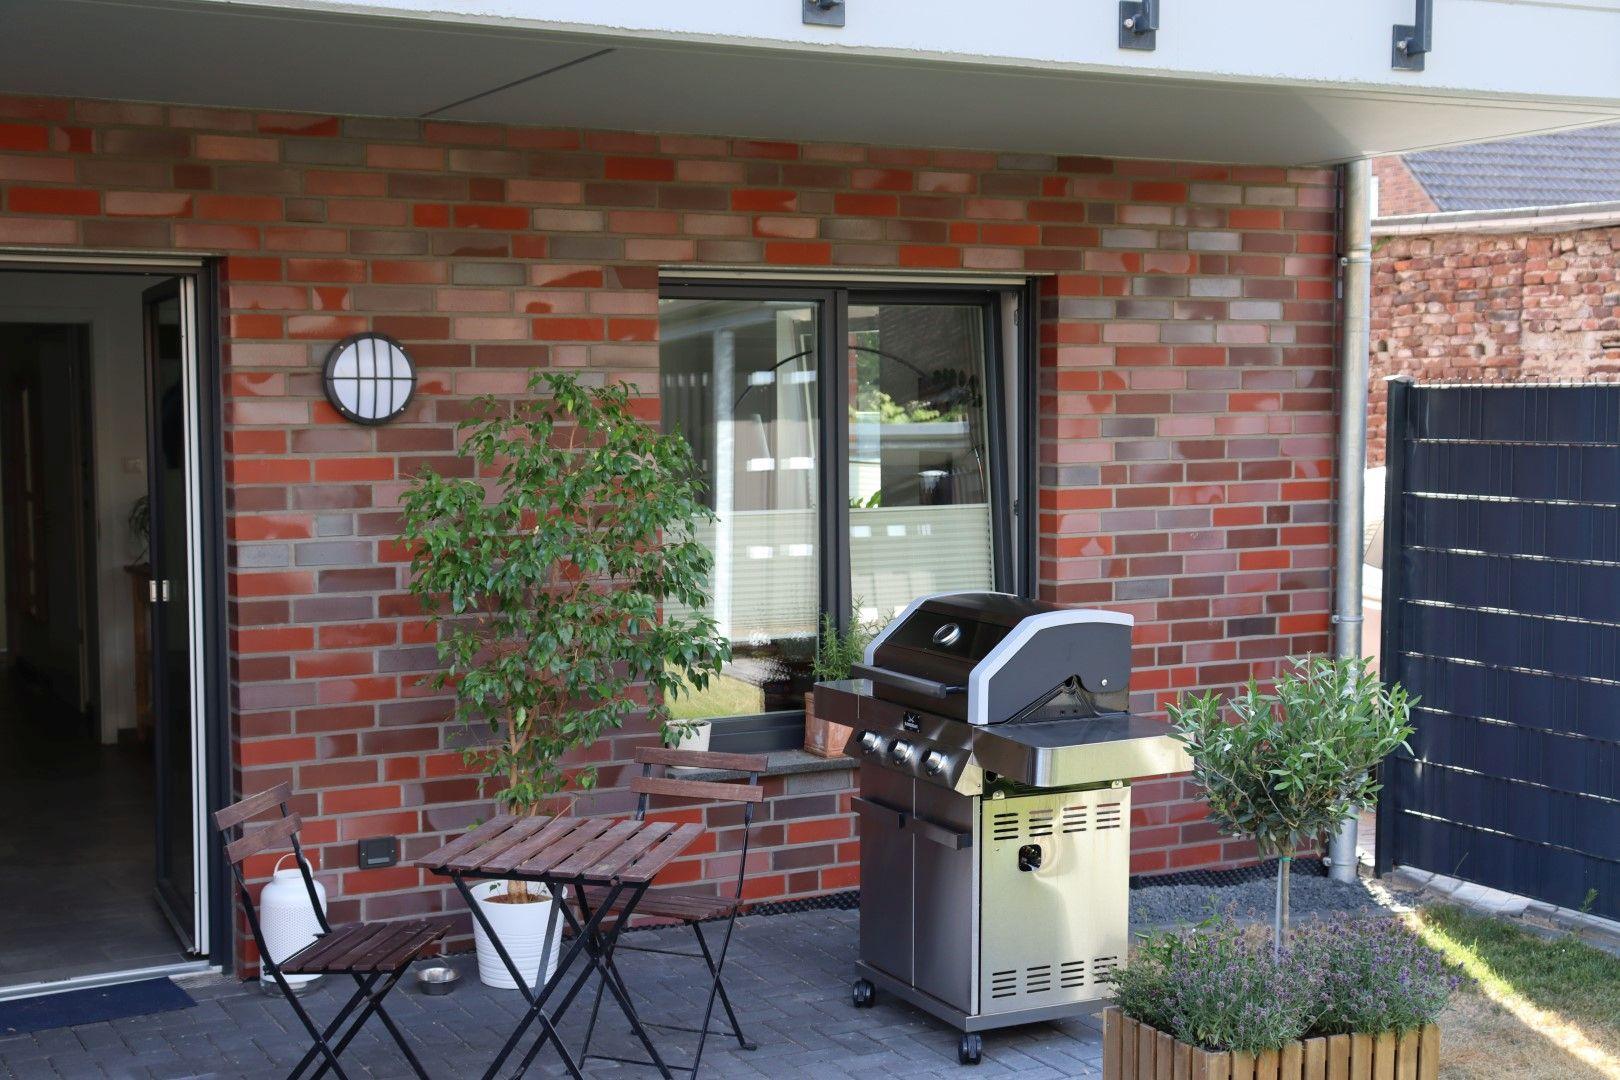 Immobilie Nr.0266 - 2-Raum-Erdgeschoss-Wohnung im Neubau mit hochwertiger Ausstattung - Bild 16.jpg